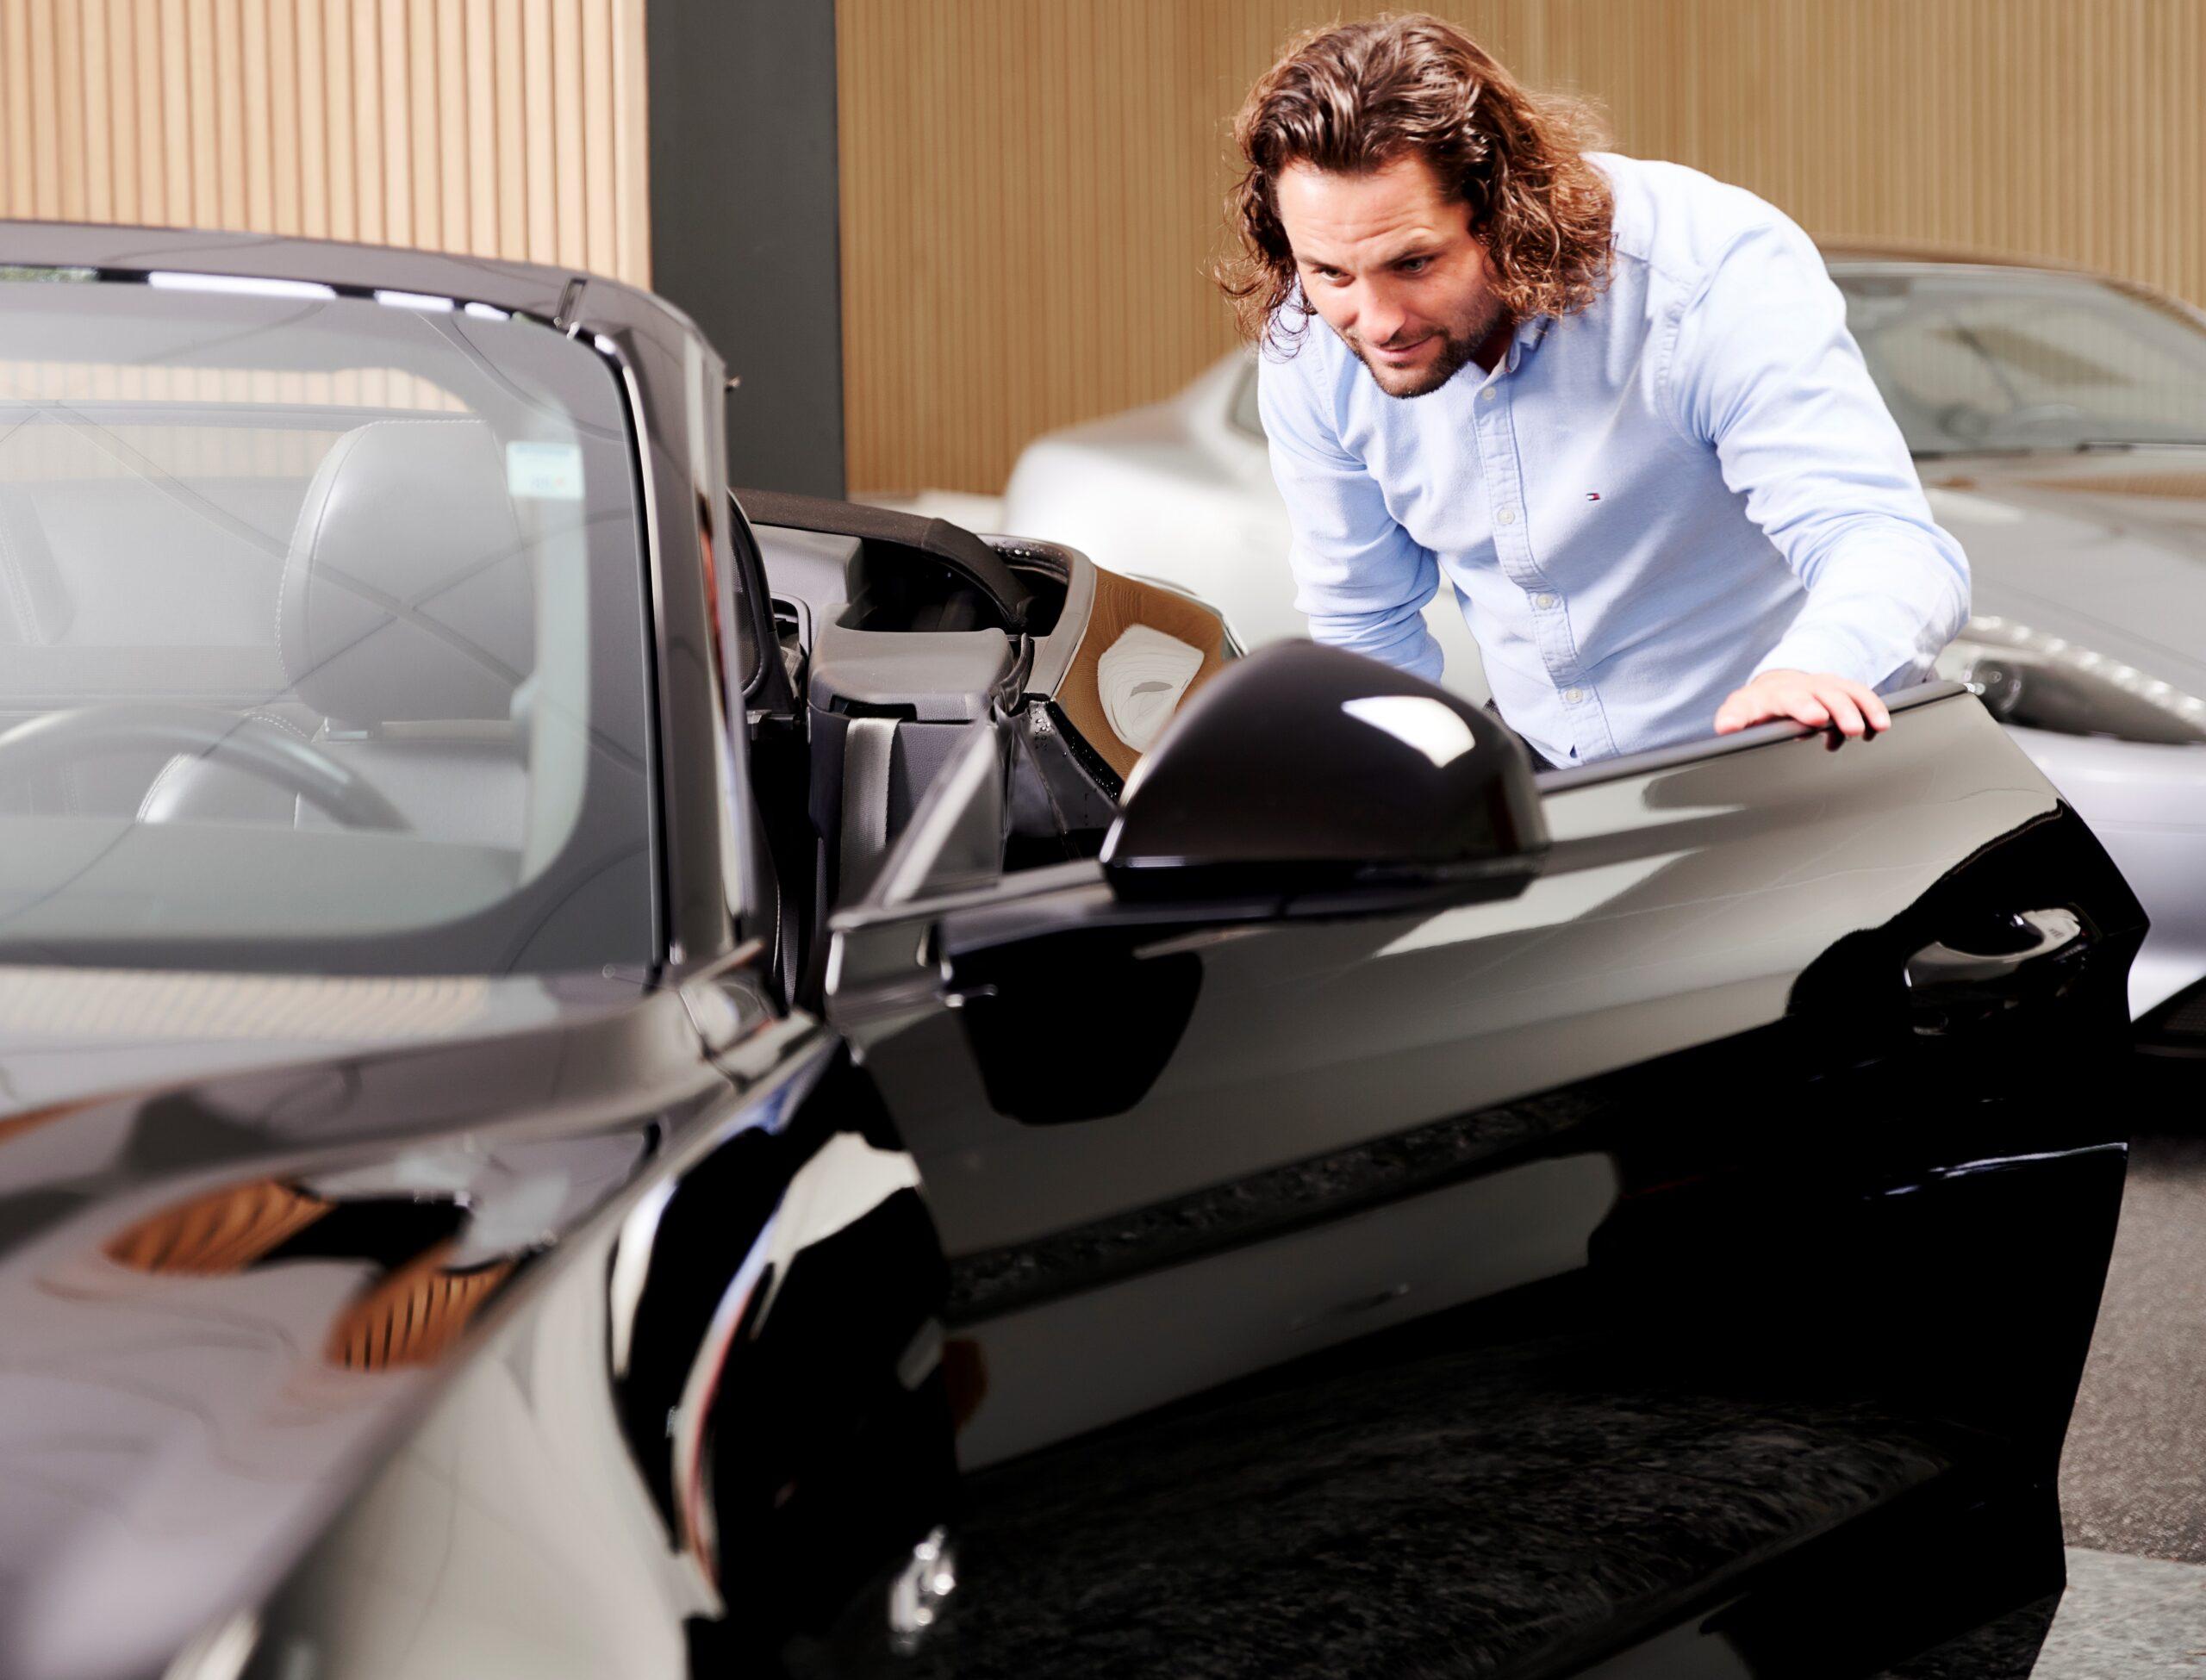 En mand kigger ind i en bil